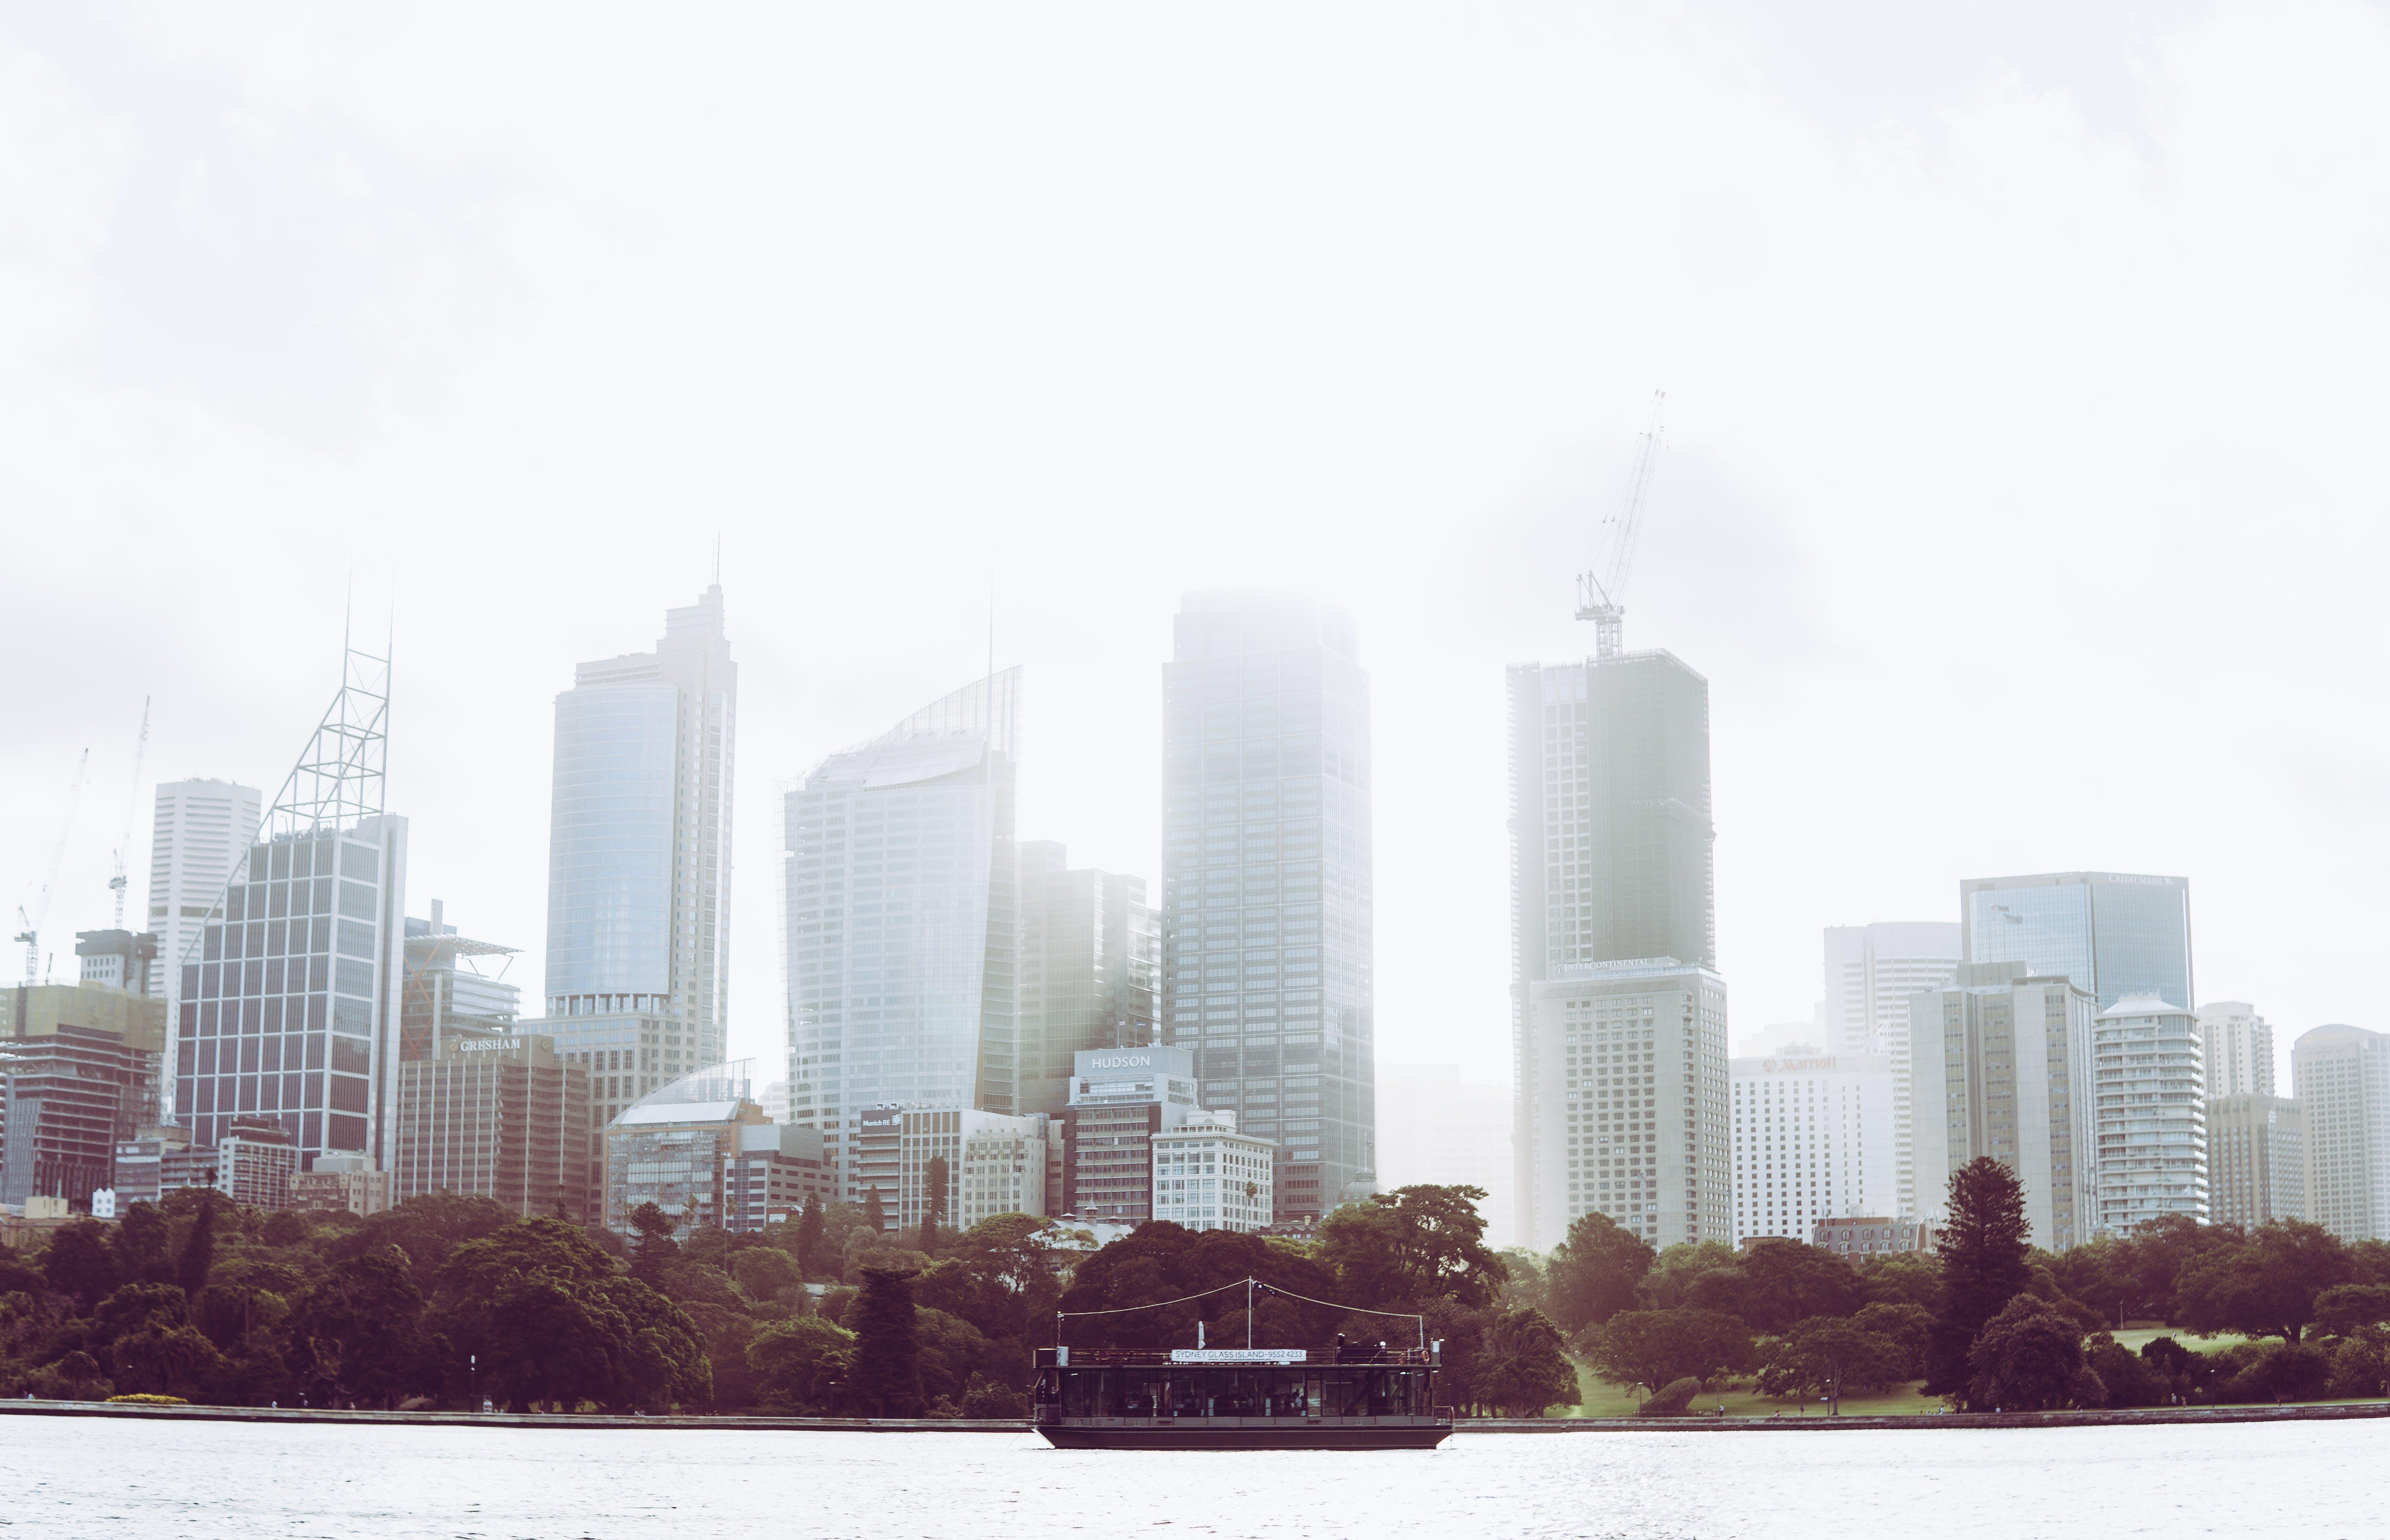 Scenic View Of City